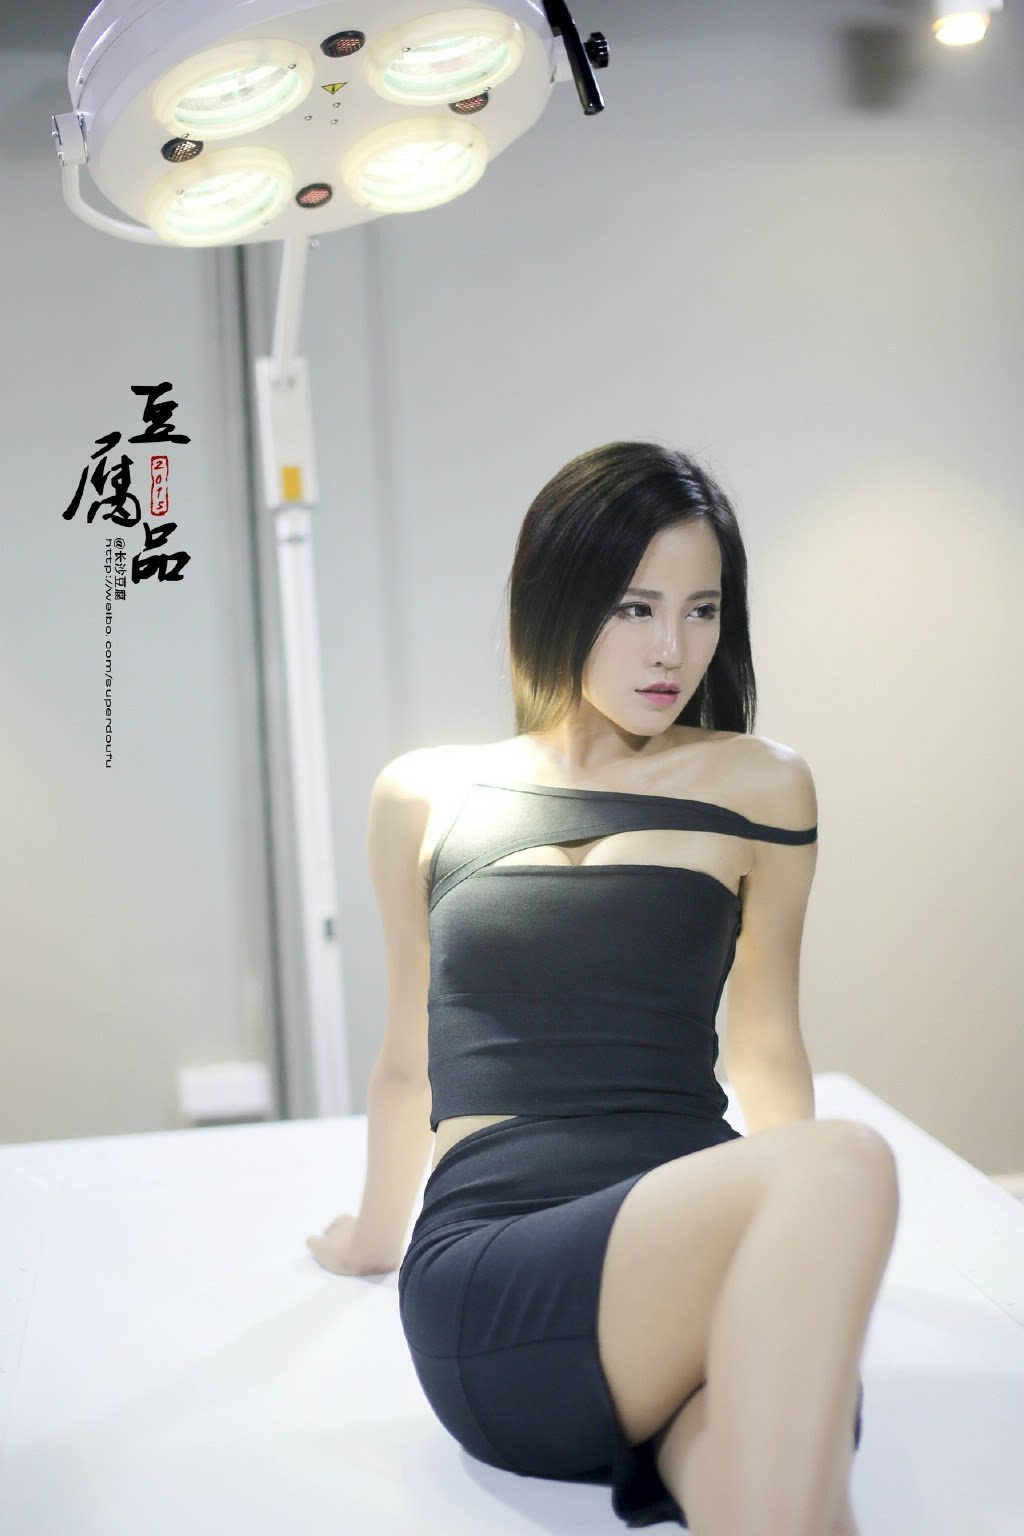 快银斗地主棋牌22-手机应用下载 【ybvip4187.com】-华中华东-浙江省-绍兴